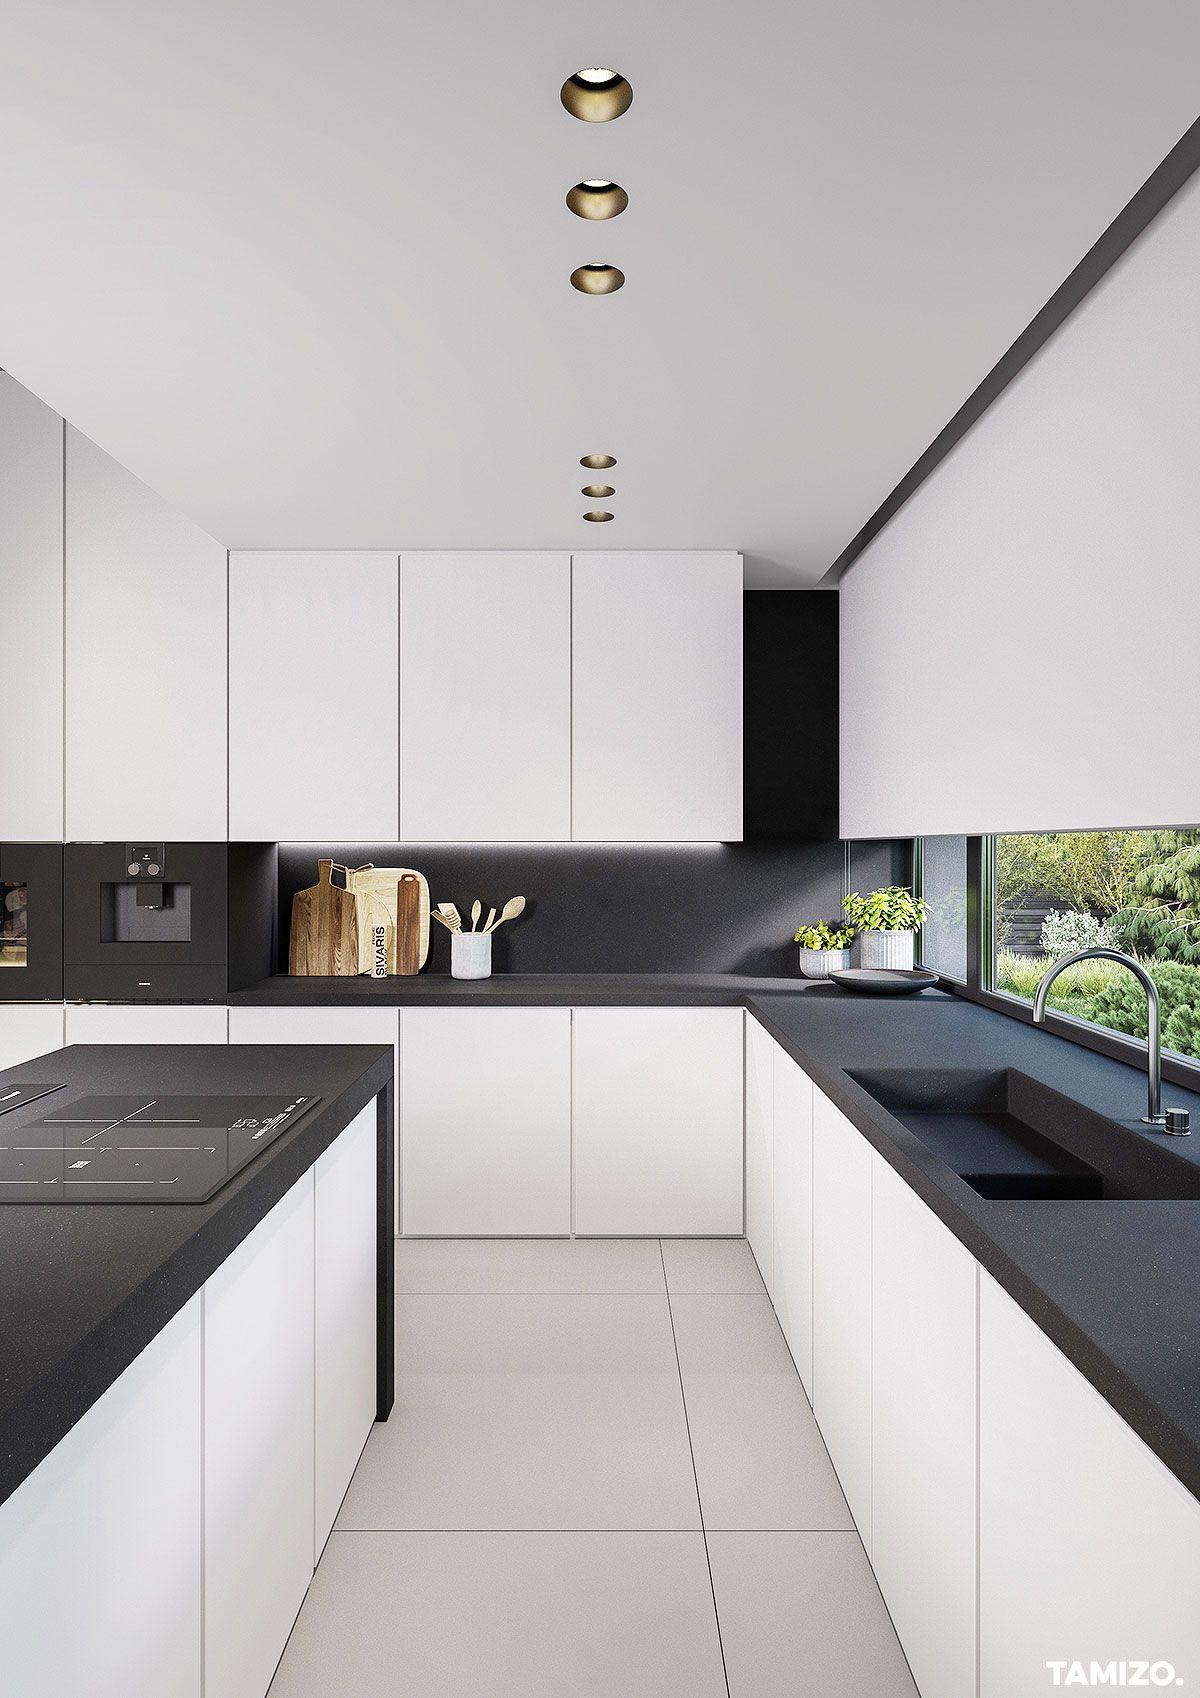 TAMIZO. › I.069 | cocina | Pinterest | Cocinas, Cocina moderna y Moderno